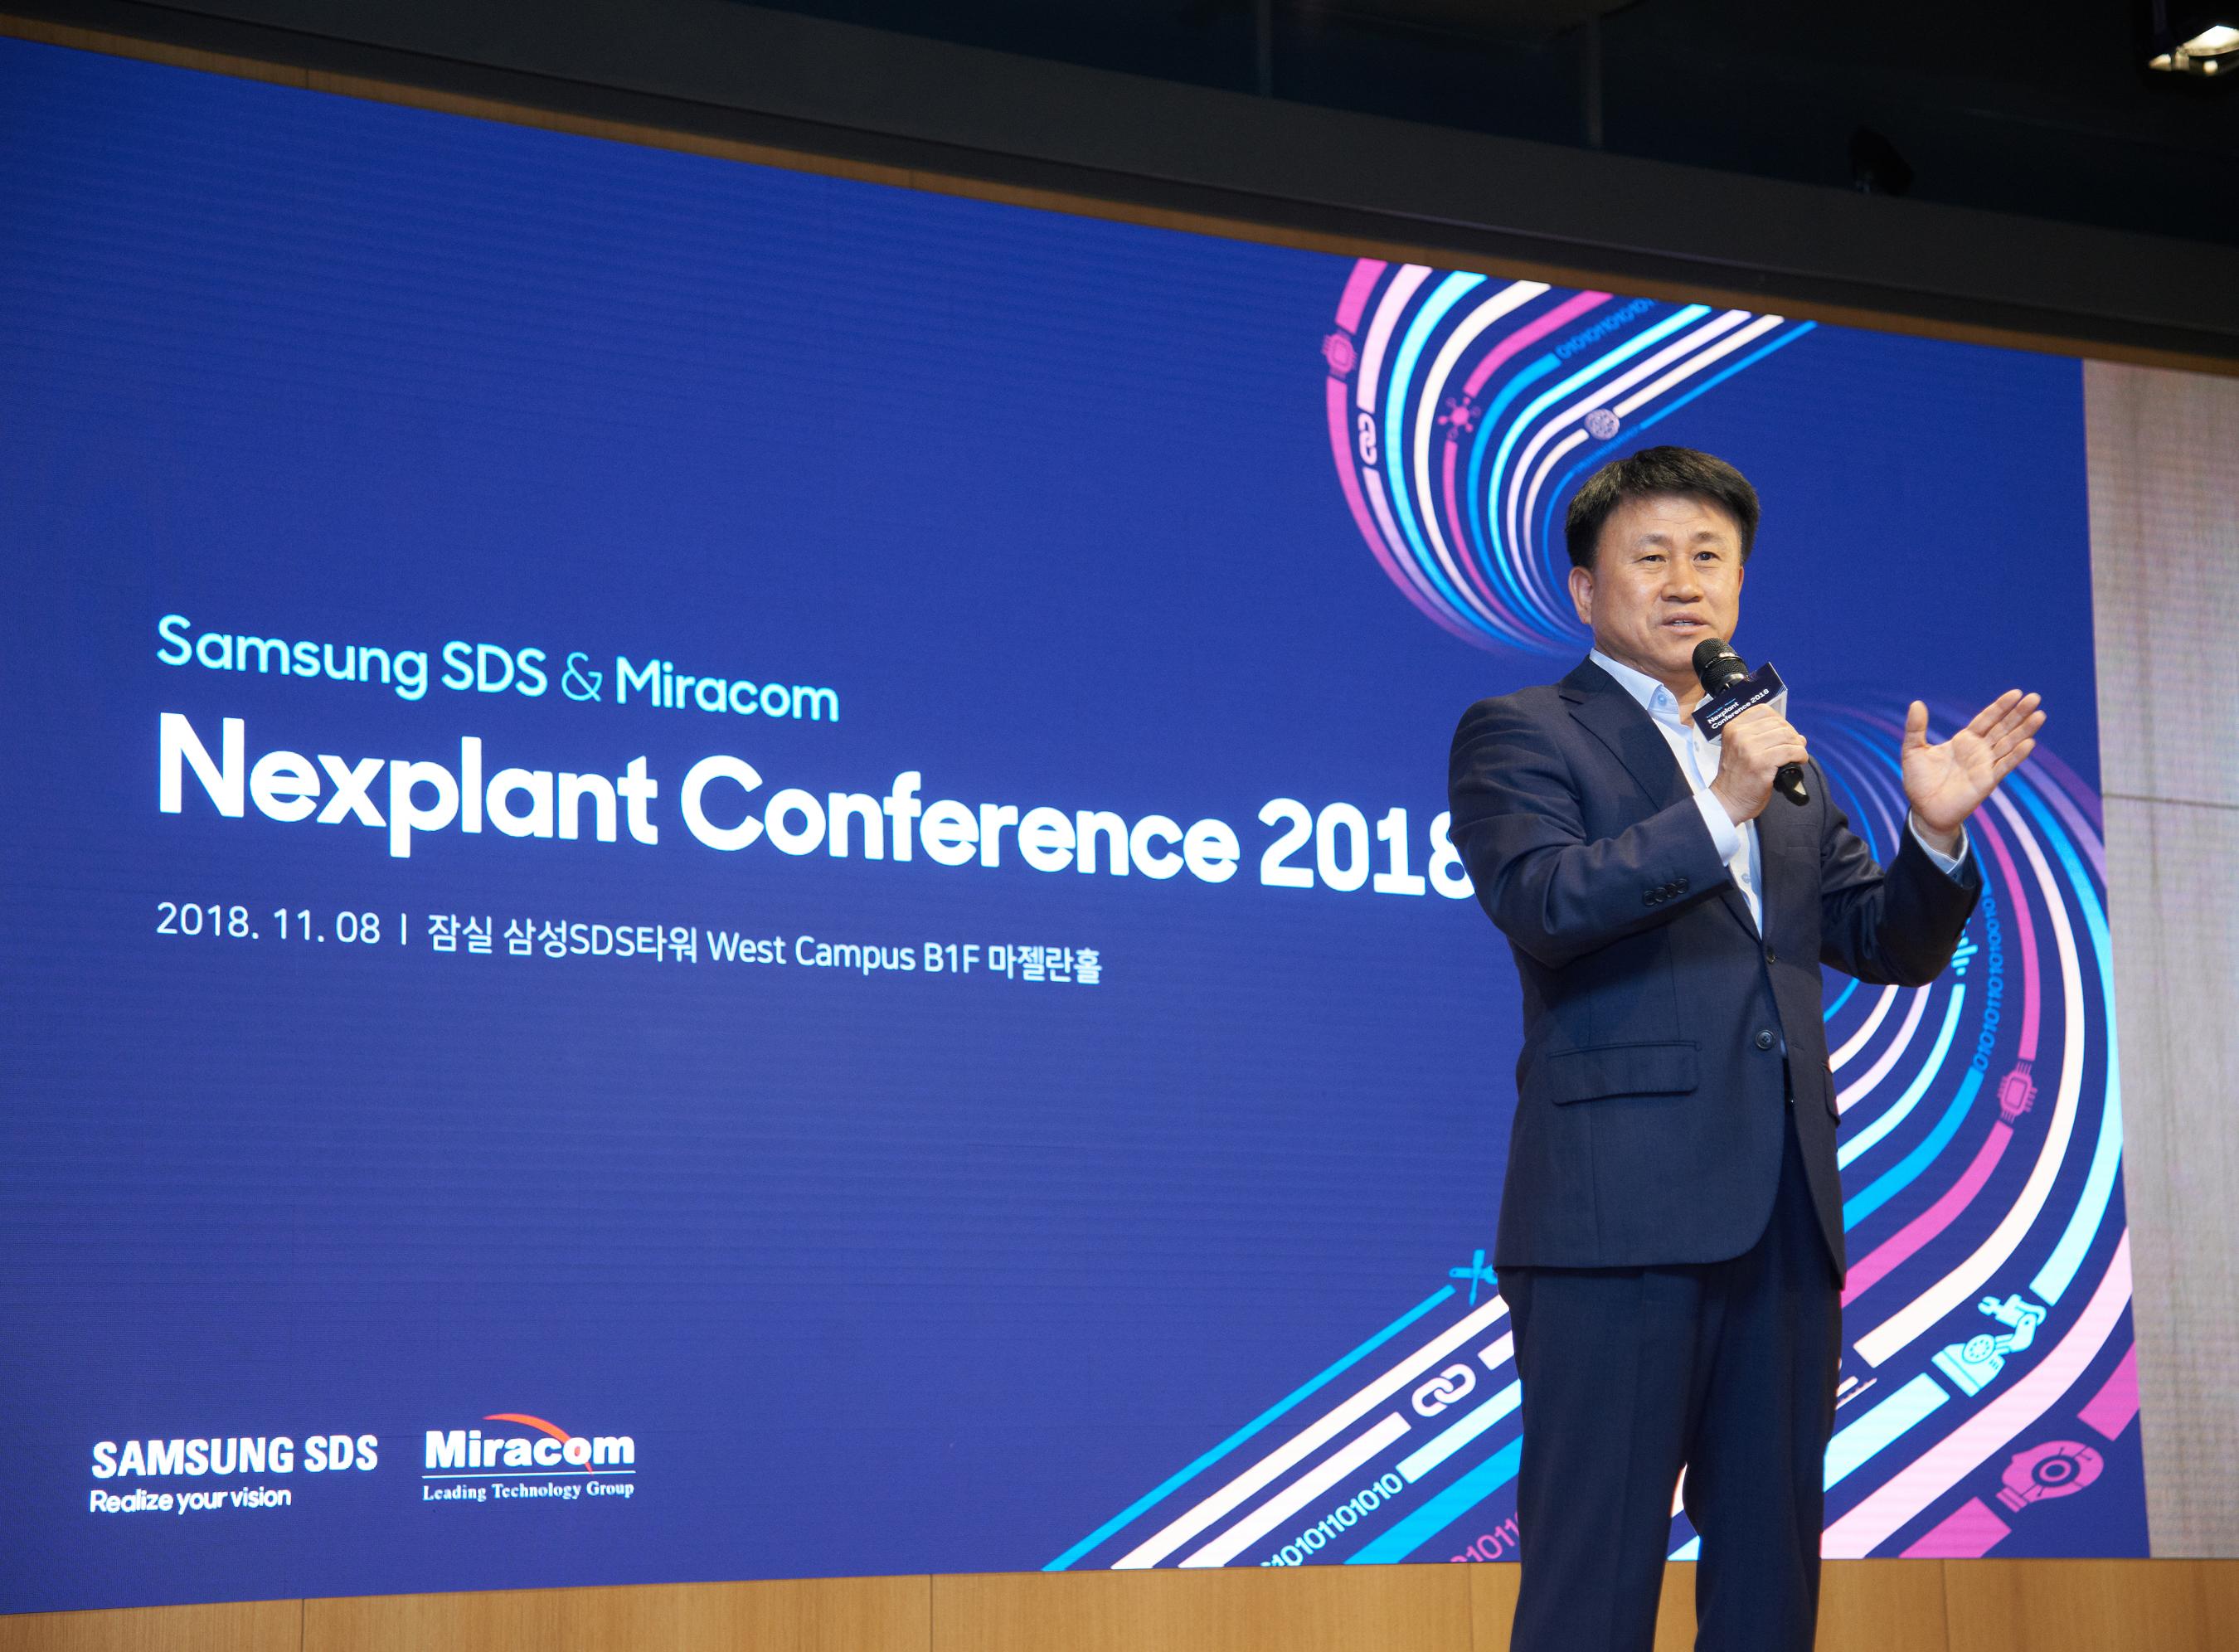 11월 8일 잠실 삼성SDS타워에서 개최된 '넥스플랜트(Nexplant™) Conference 2018'행사에서 삼성SDS 스마트팩토리사업부장 이재철 전무가 인사말을 하고 있다.